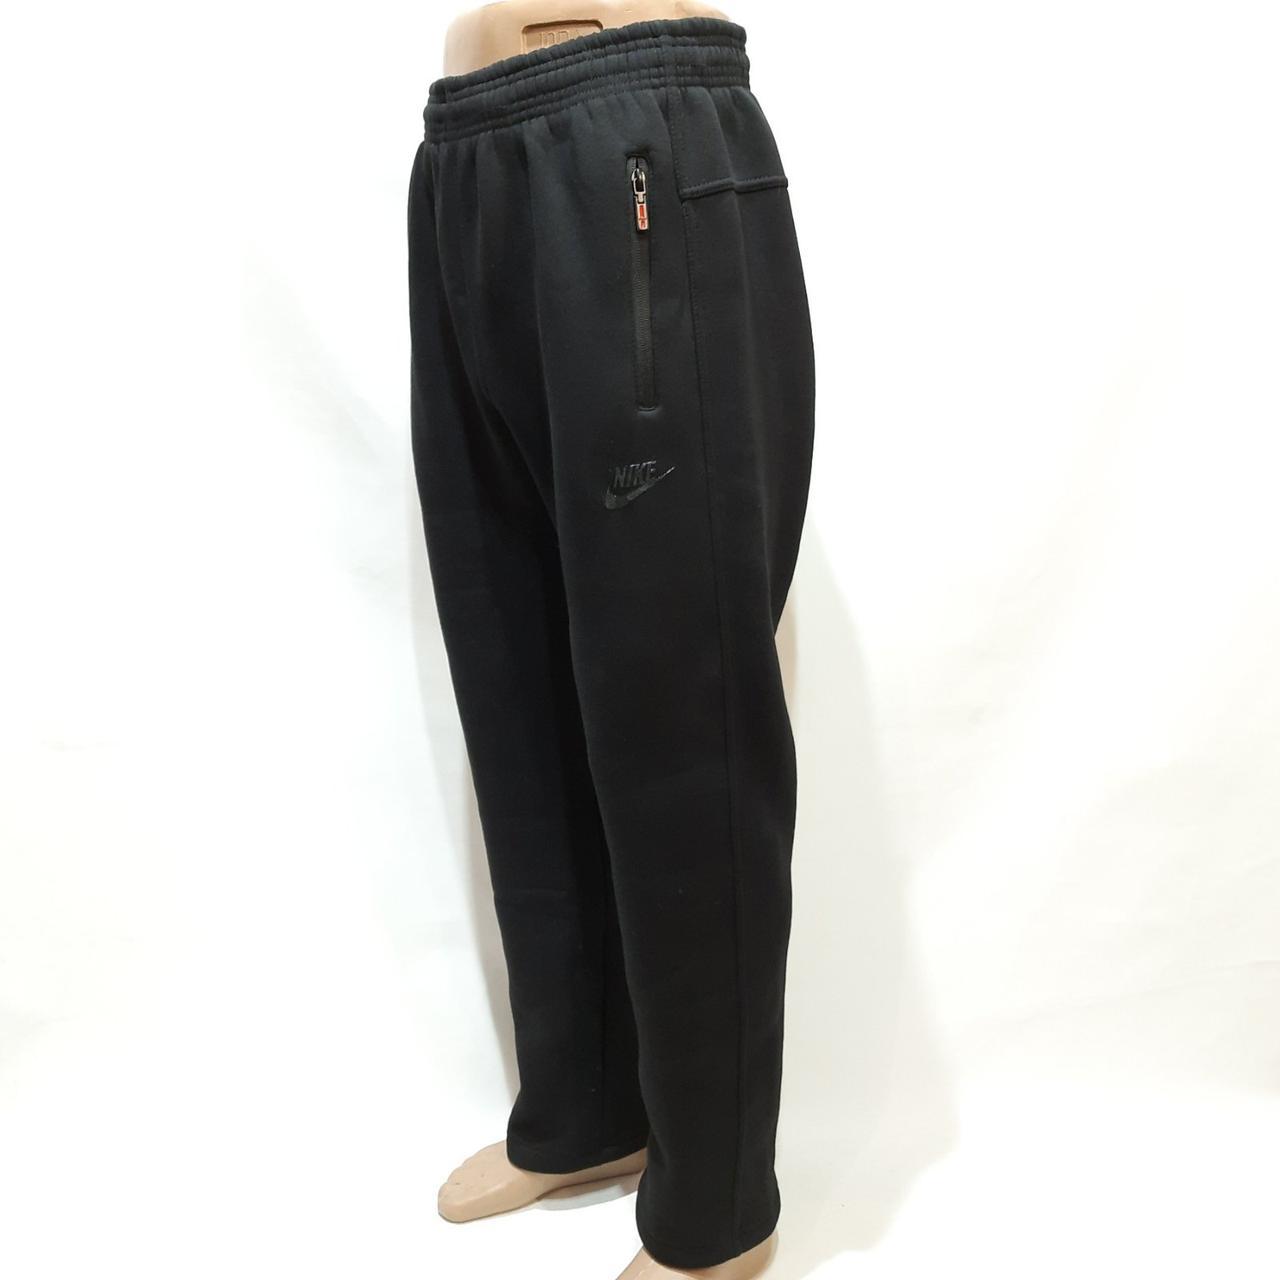 Зимние мужские прямые спортивные штаны р. хххл, последнии на флисе Черные